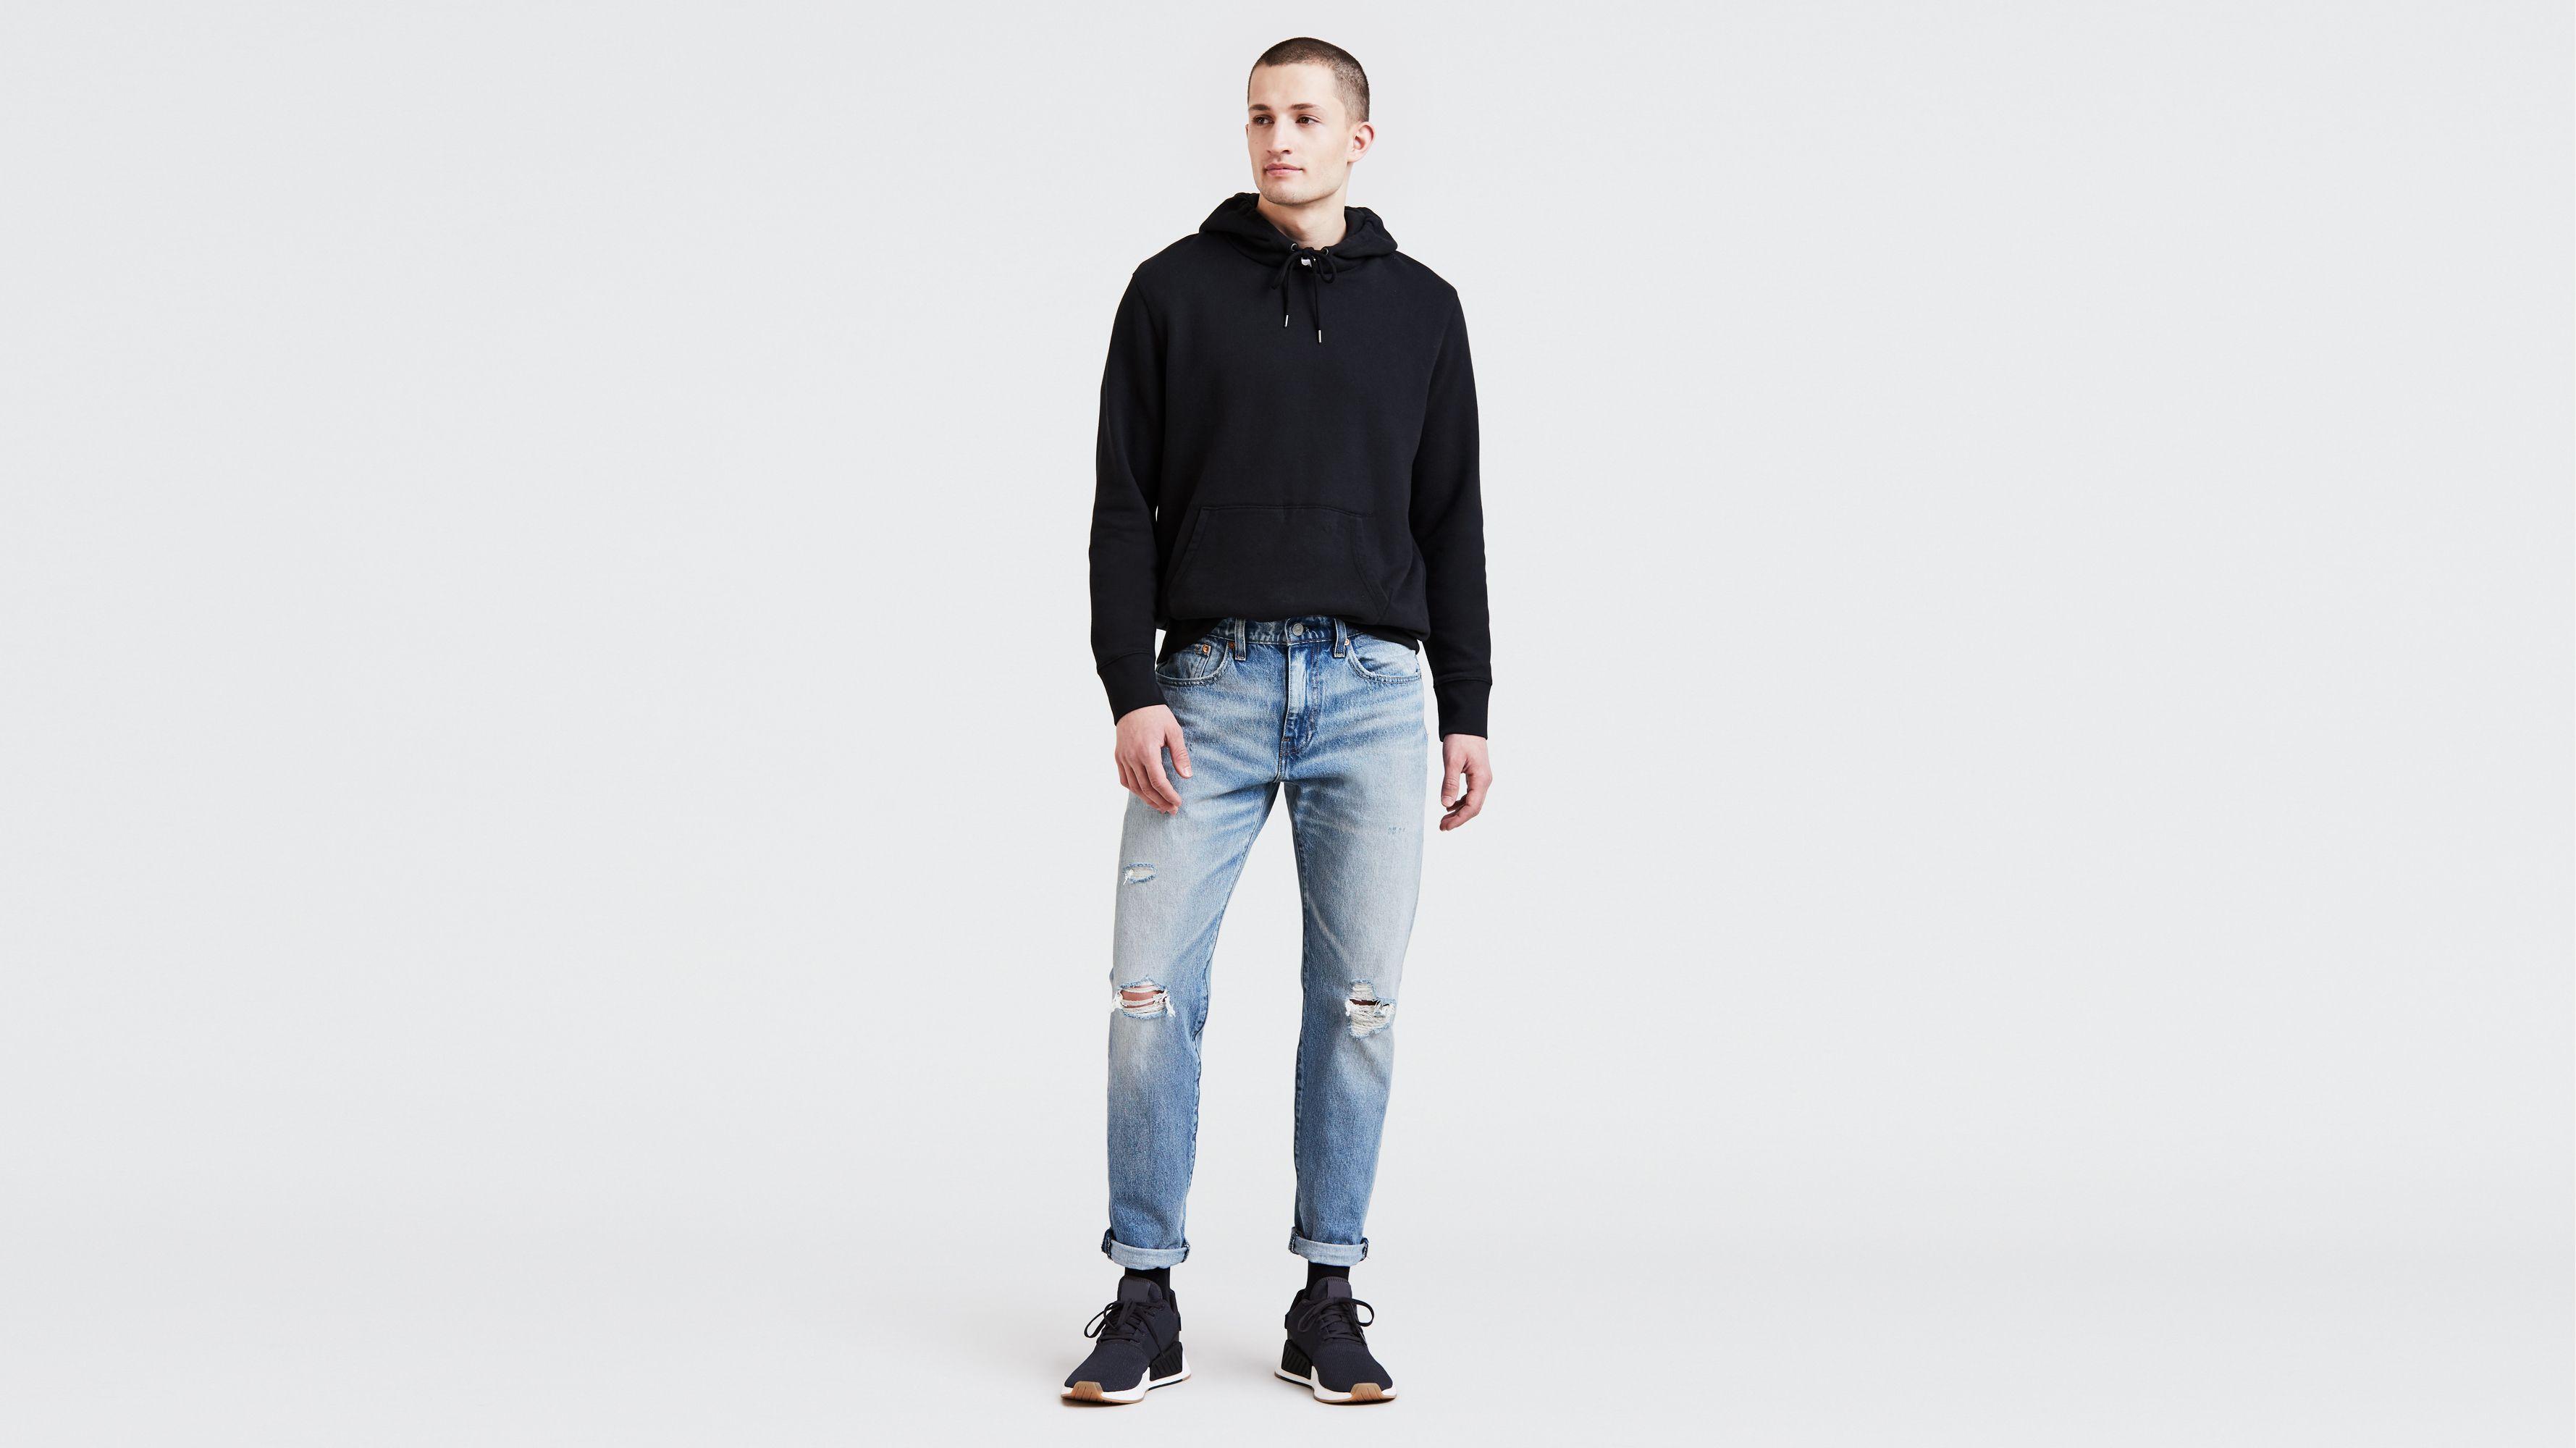 c1cf9af6be5 Hi-ball Roll Jeans - Light Wash